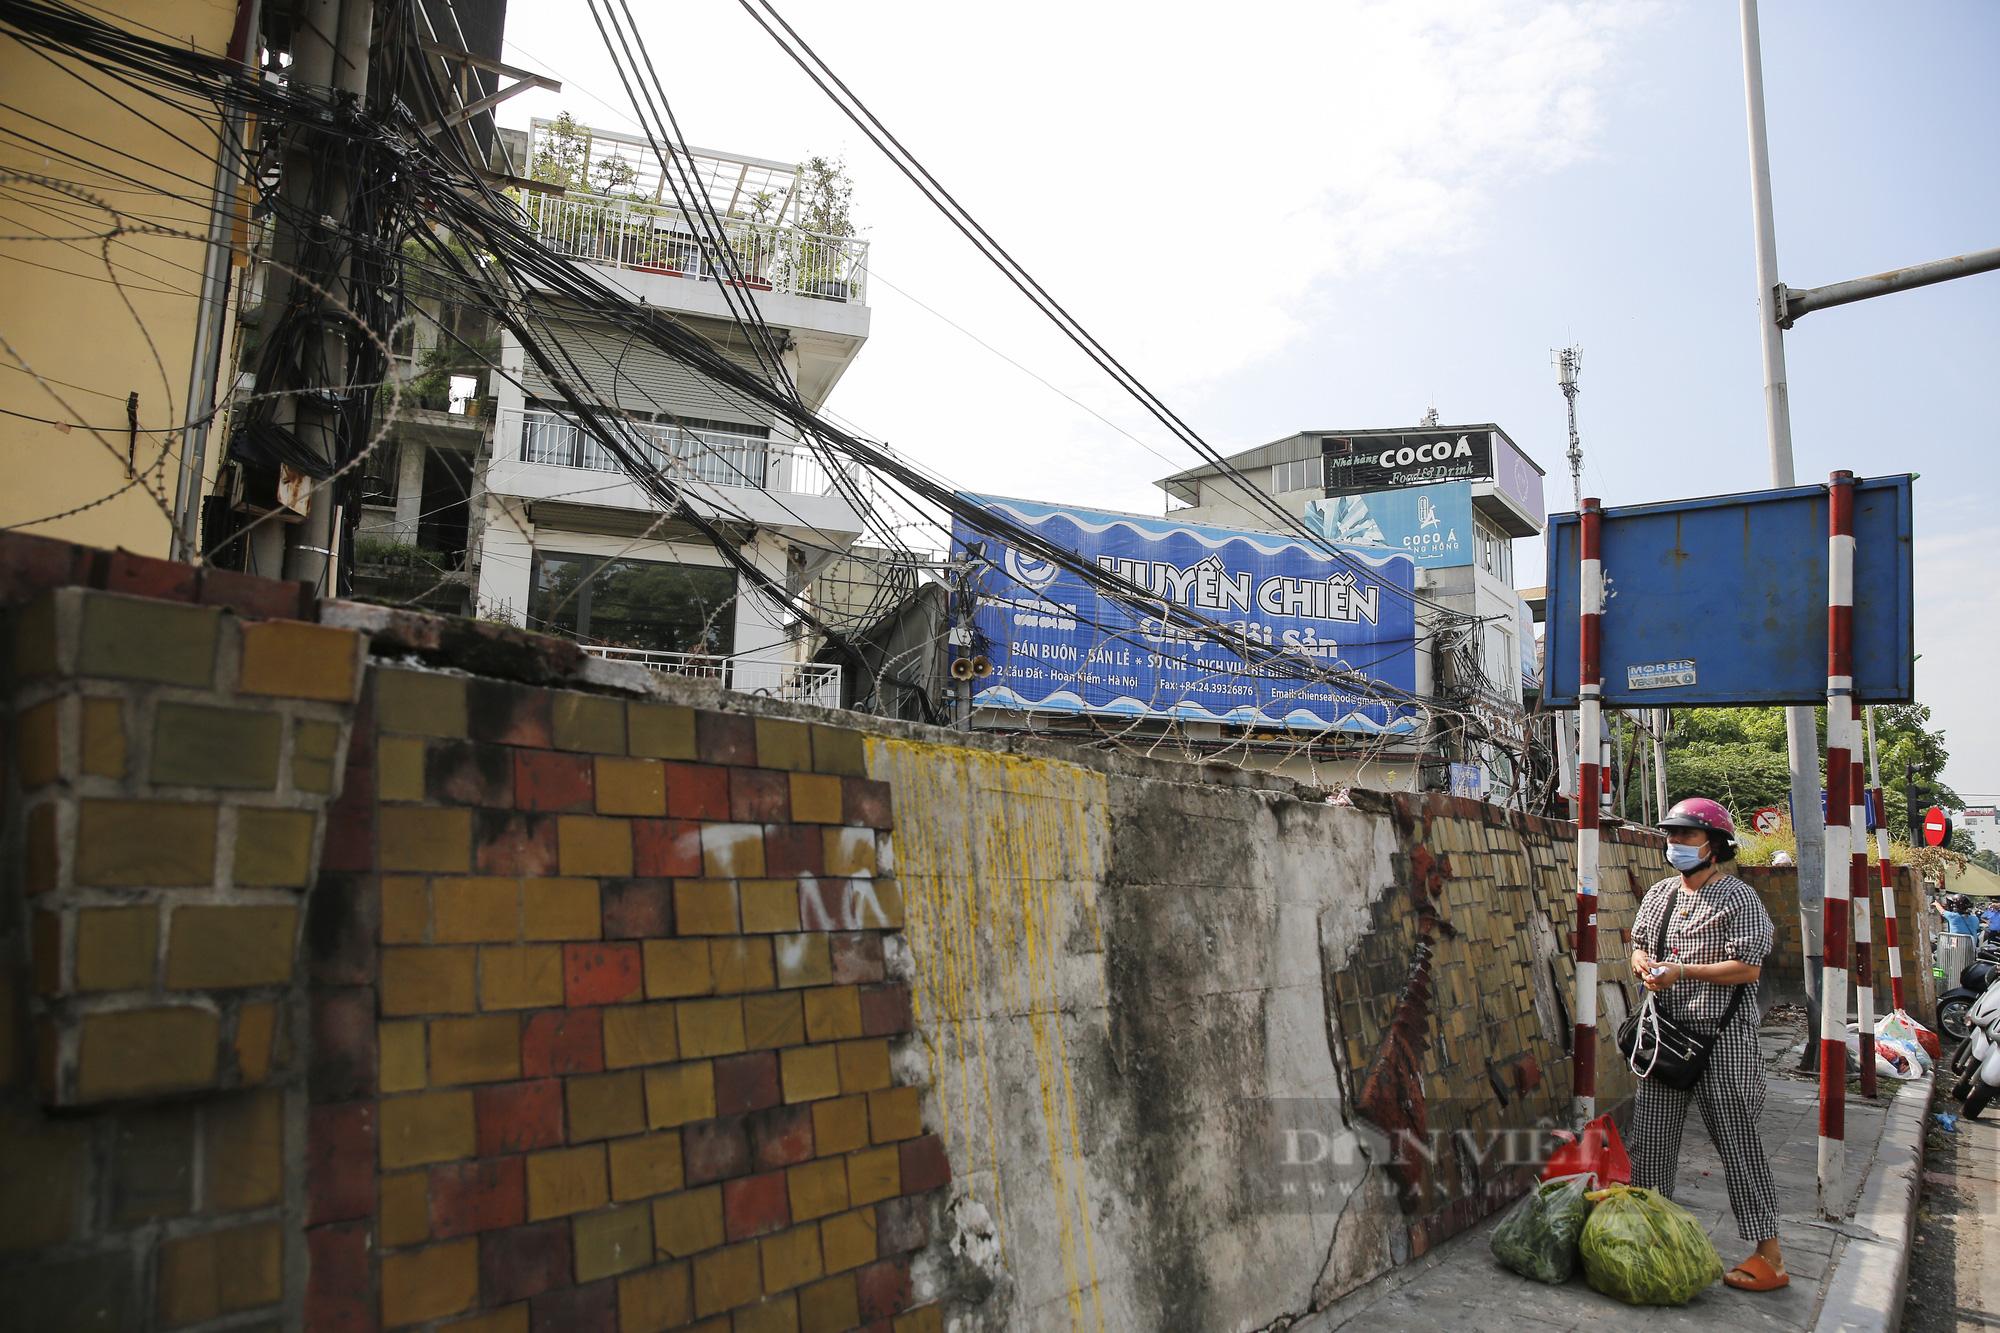 Hà Nội: Lập hàng rào dây thép gai tại khu vực phong tỏa để ngăn người vi phạm Chỉ thị cách ly - Ảnh 3.